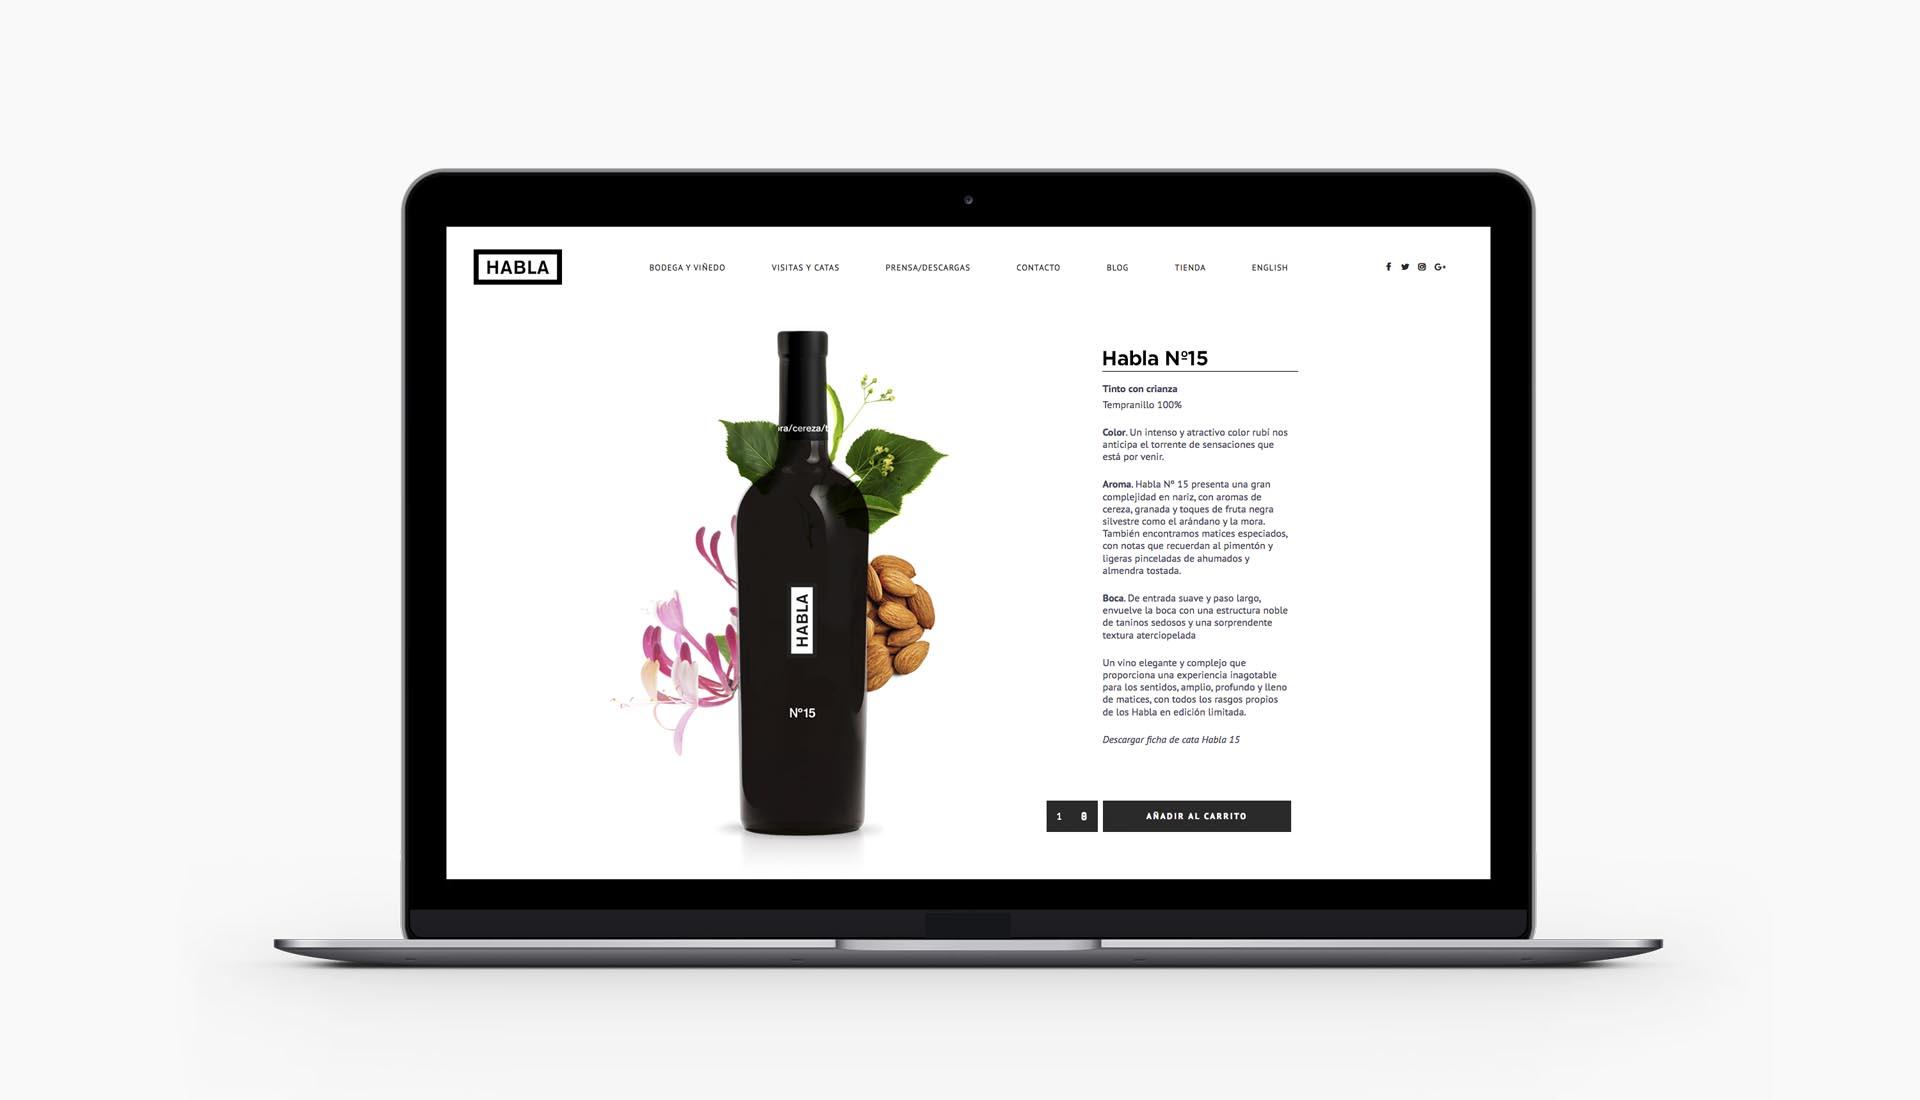 diseño de los vinos Habla - web - Valentín Iglesias